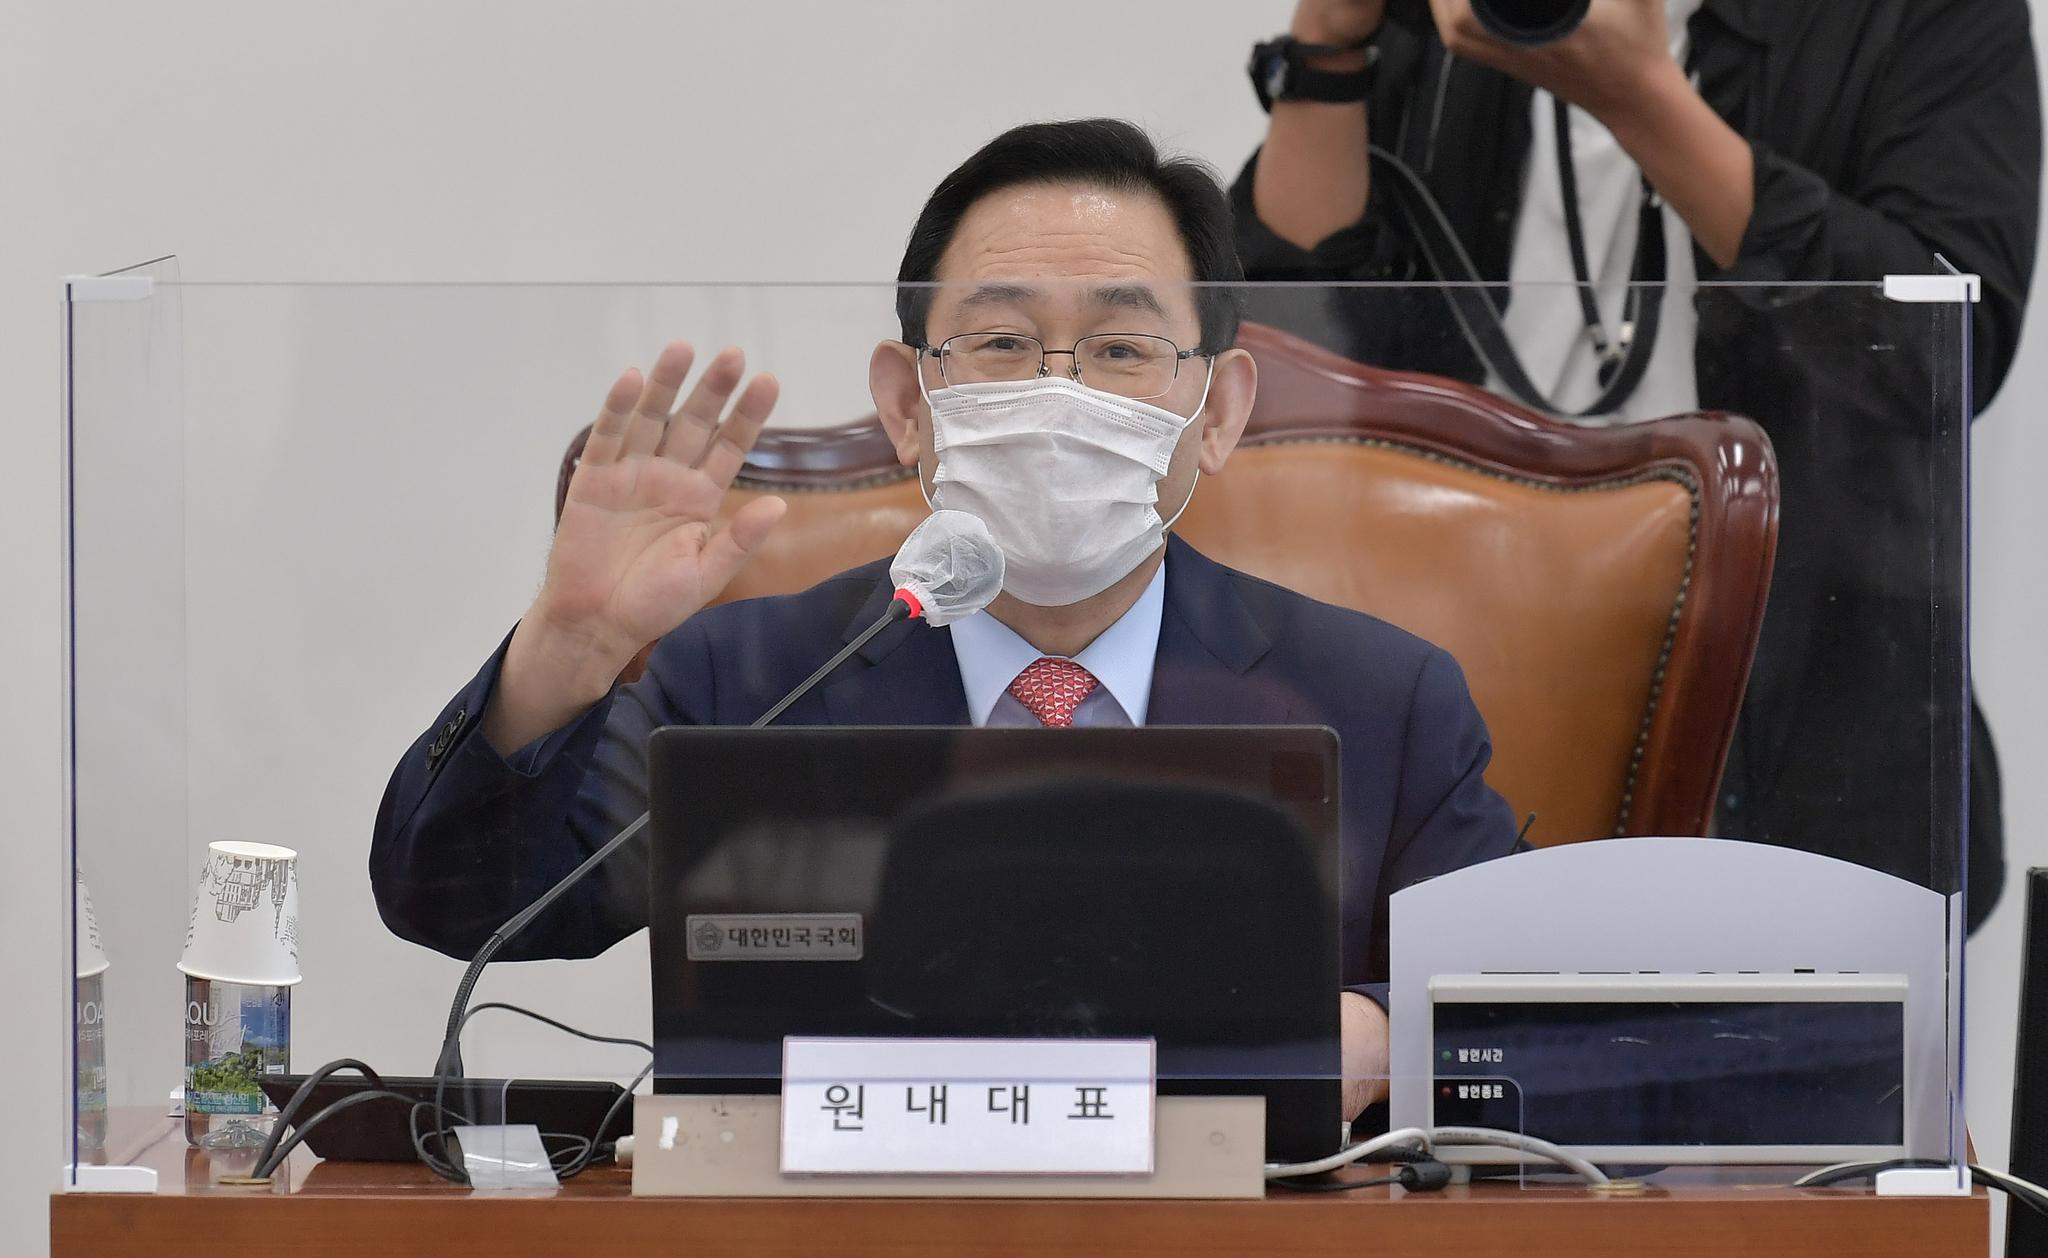 국민의힘 주호영 원내대표가 22일 국회에서 열린 화상 의원총회에서 동료 의원들과 손인사를 하고 있다. 연합뉴스